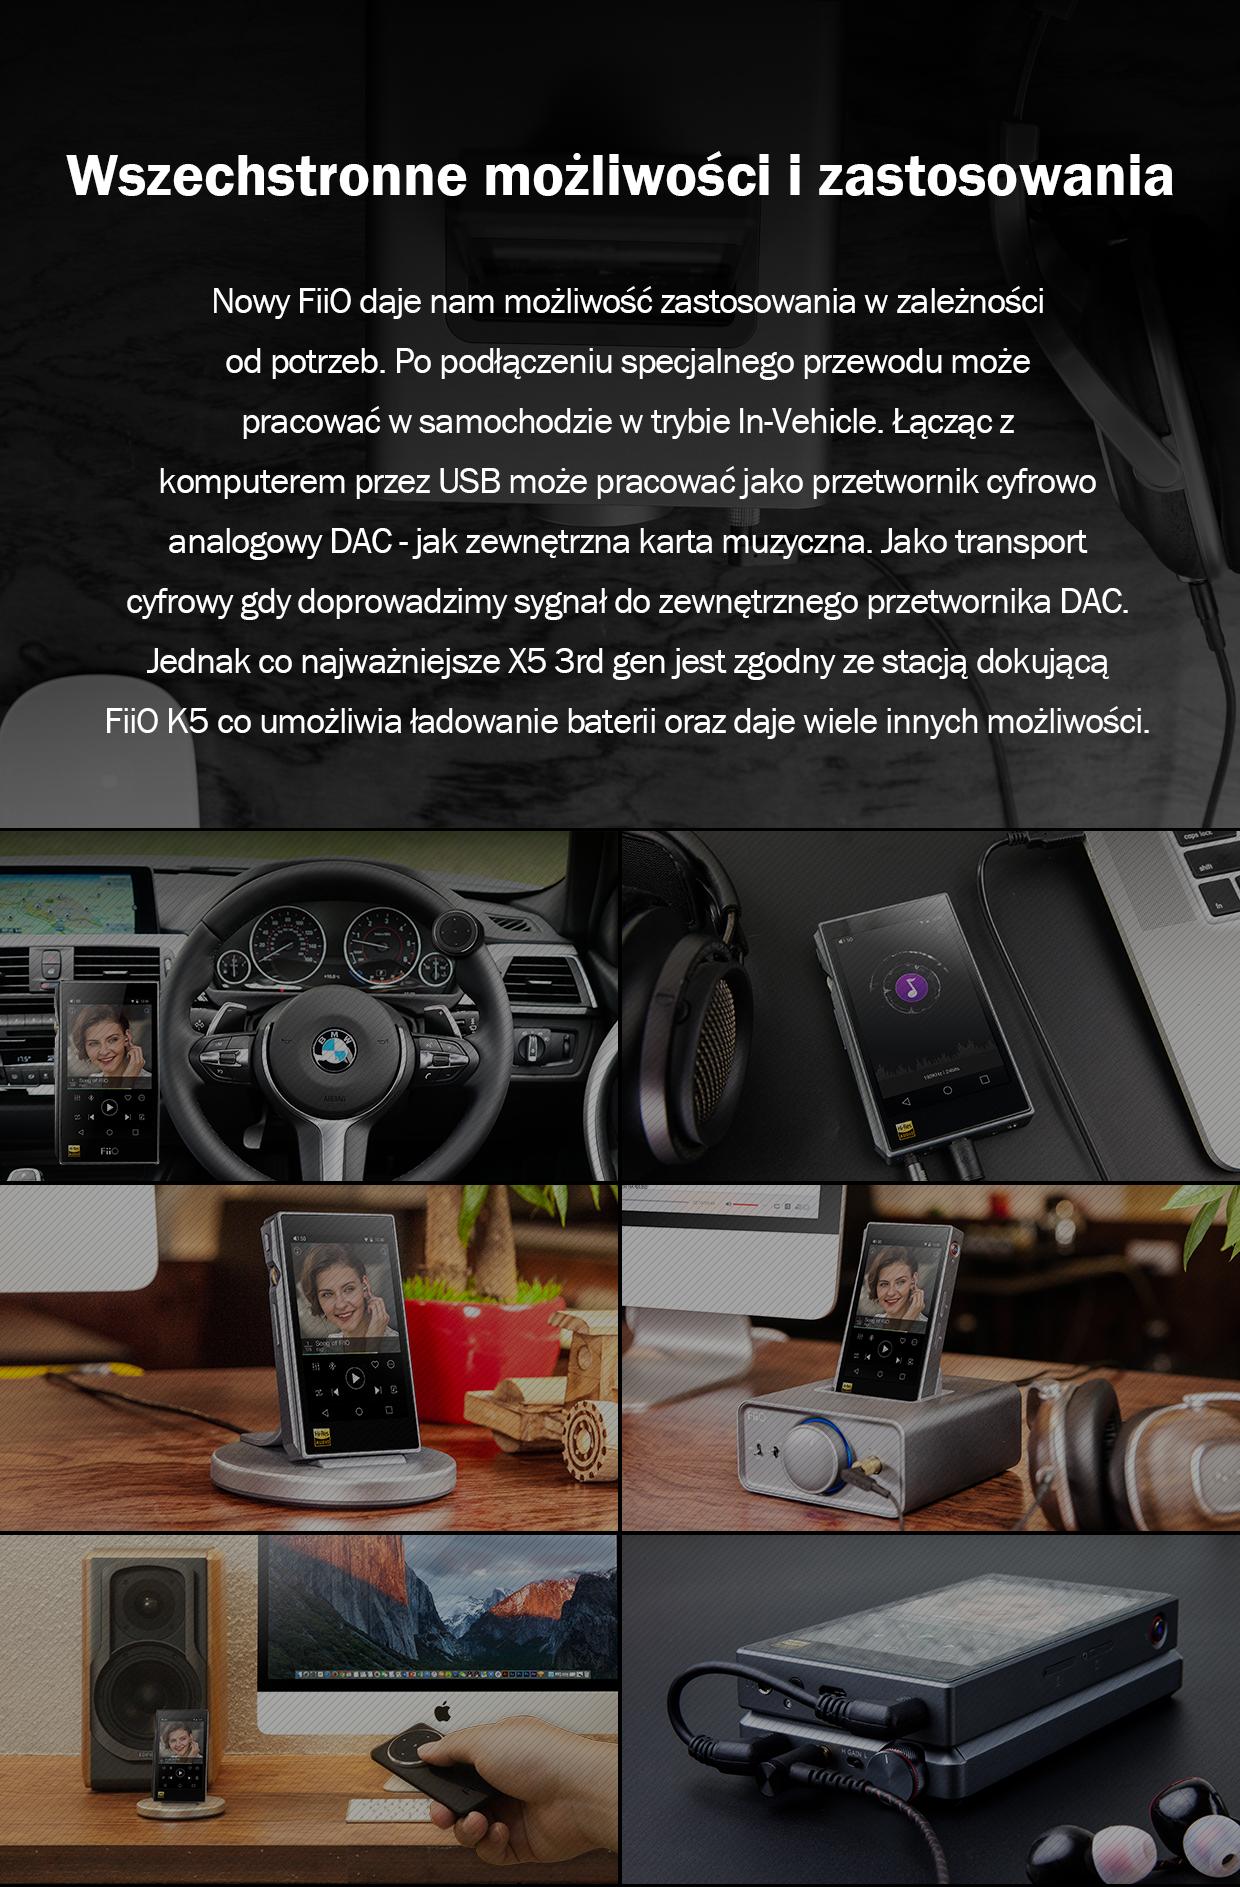 Nowy FiiO daje nam możliwość zastosowania w zależności od potrzeb. Po podłączeniu specjalnego przewodu może pracować w samochodzie w trybie In-Vehicle. Łącząc z komputerem przez USB może pracować jako przetwornik cyfrowo analogowy DAC - jak zewnętrzna karta muzyczna. Jako transport cyfrowy gdy doprowadzimy sygnał do zewnętrznego przetwornika DAC. Jednak co najważniejsze X5 3rd gen jest zgodny ze stacją dokującą FiiO K5 co umożliwia ładowanie baterii oraz daje wiele innych możliwości.